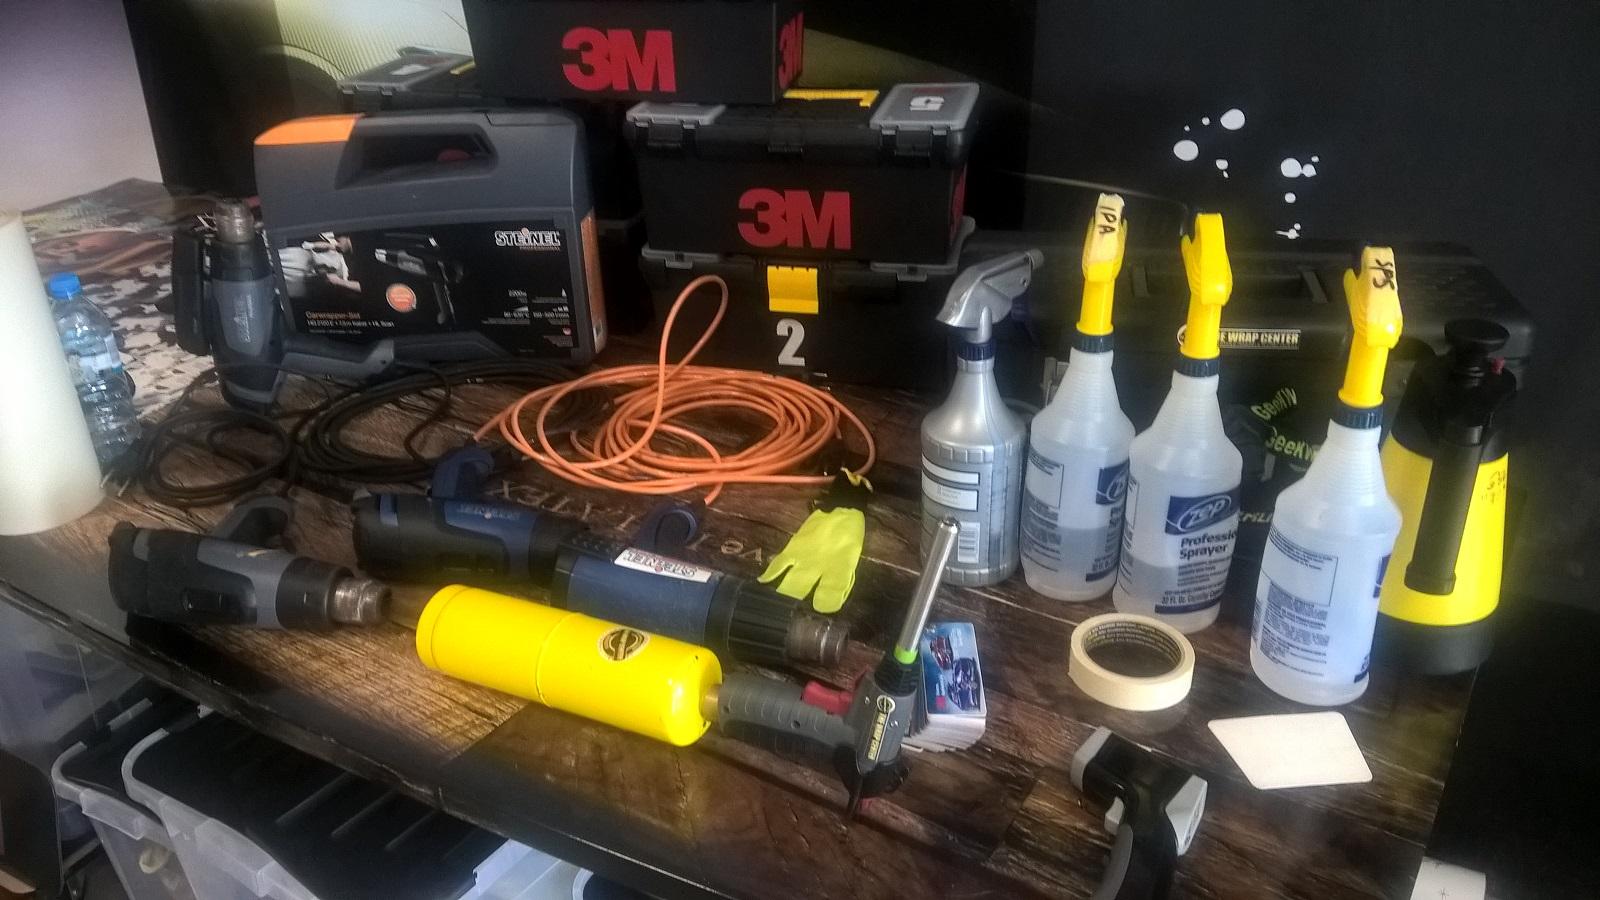 Profesjonalne akcesoria 3M na pierwszym planie: palnik gazowy :)